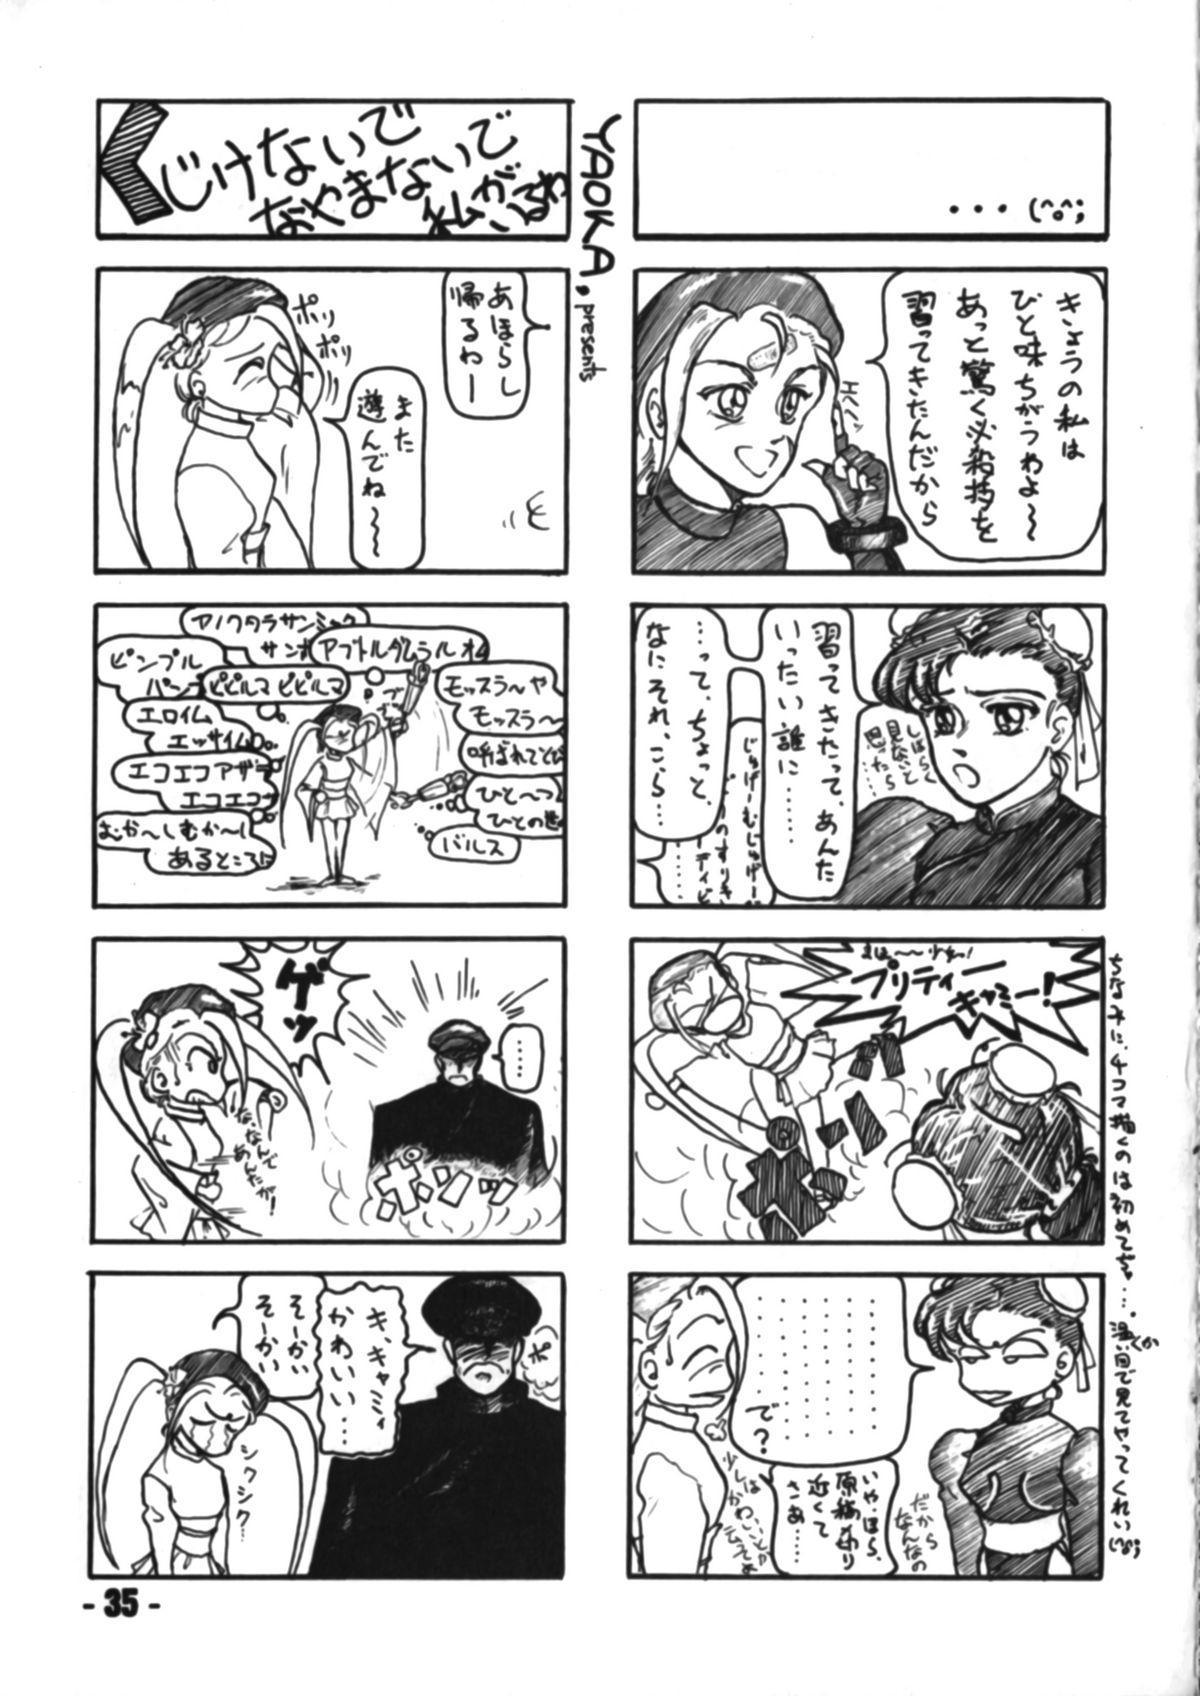 Denyuu Tougenkyou 33